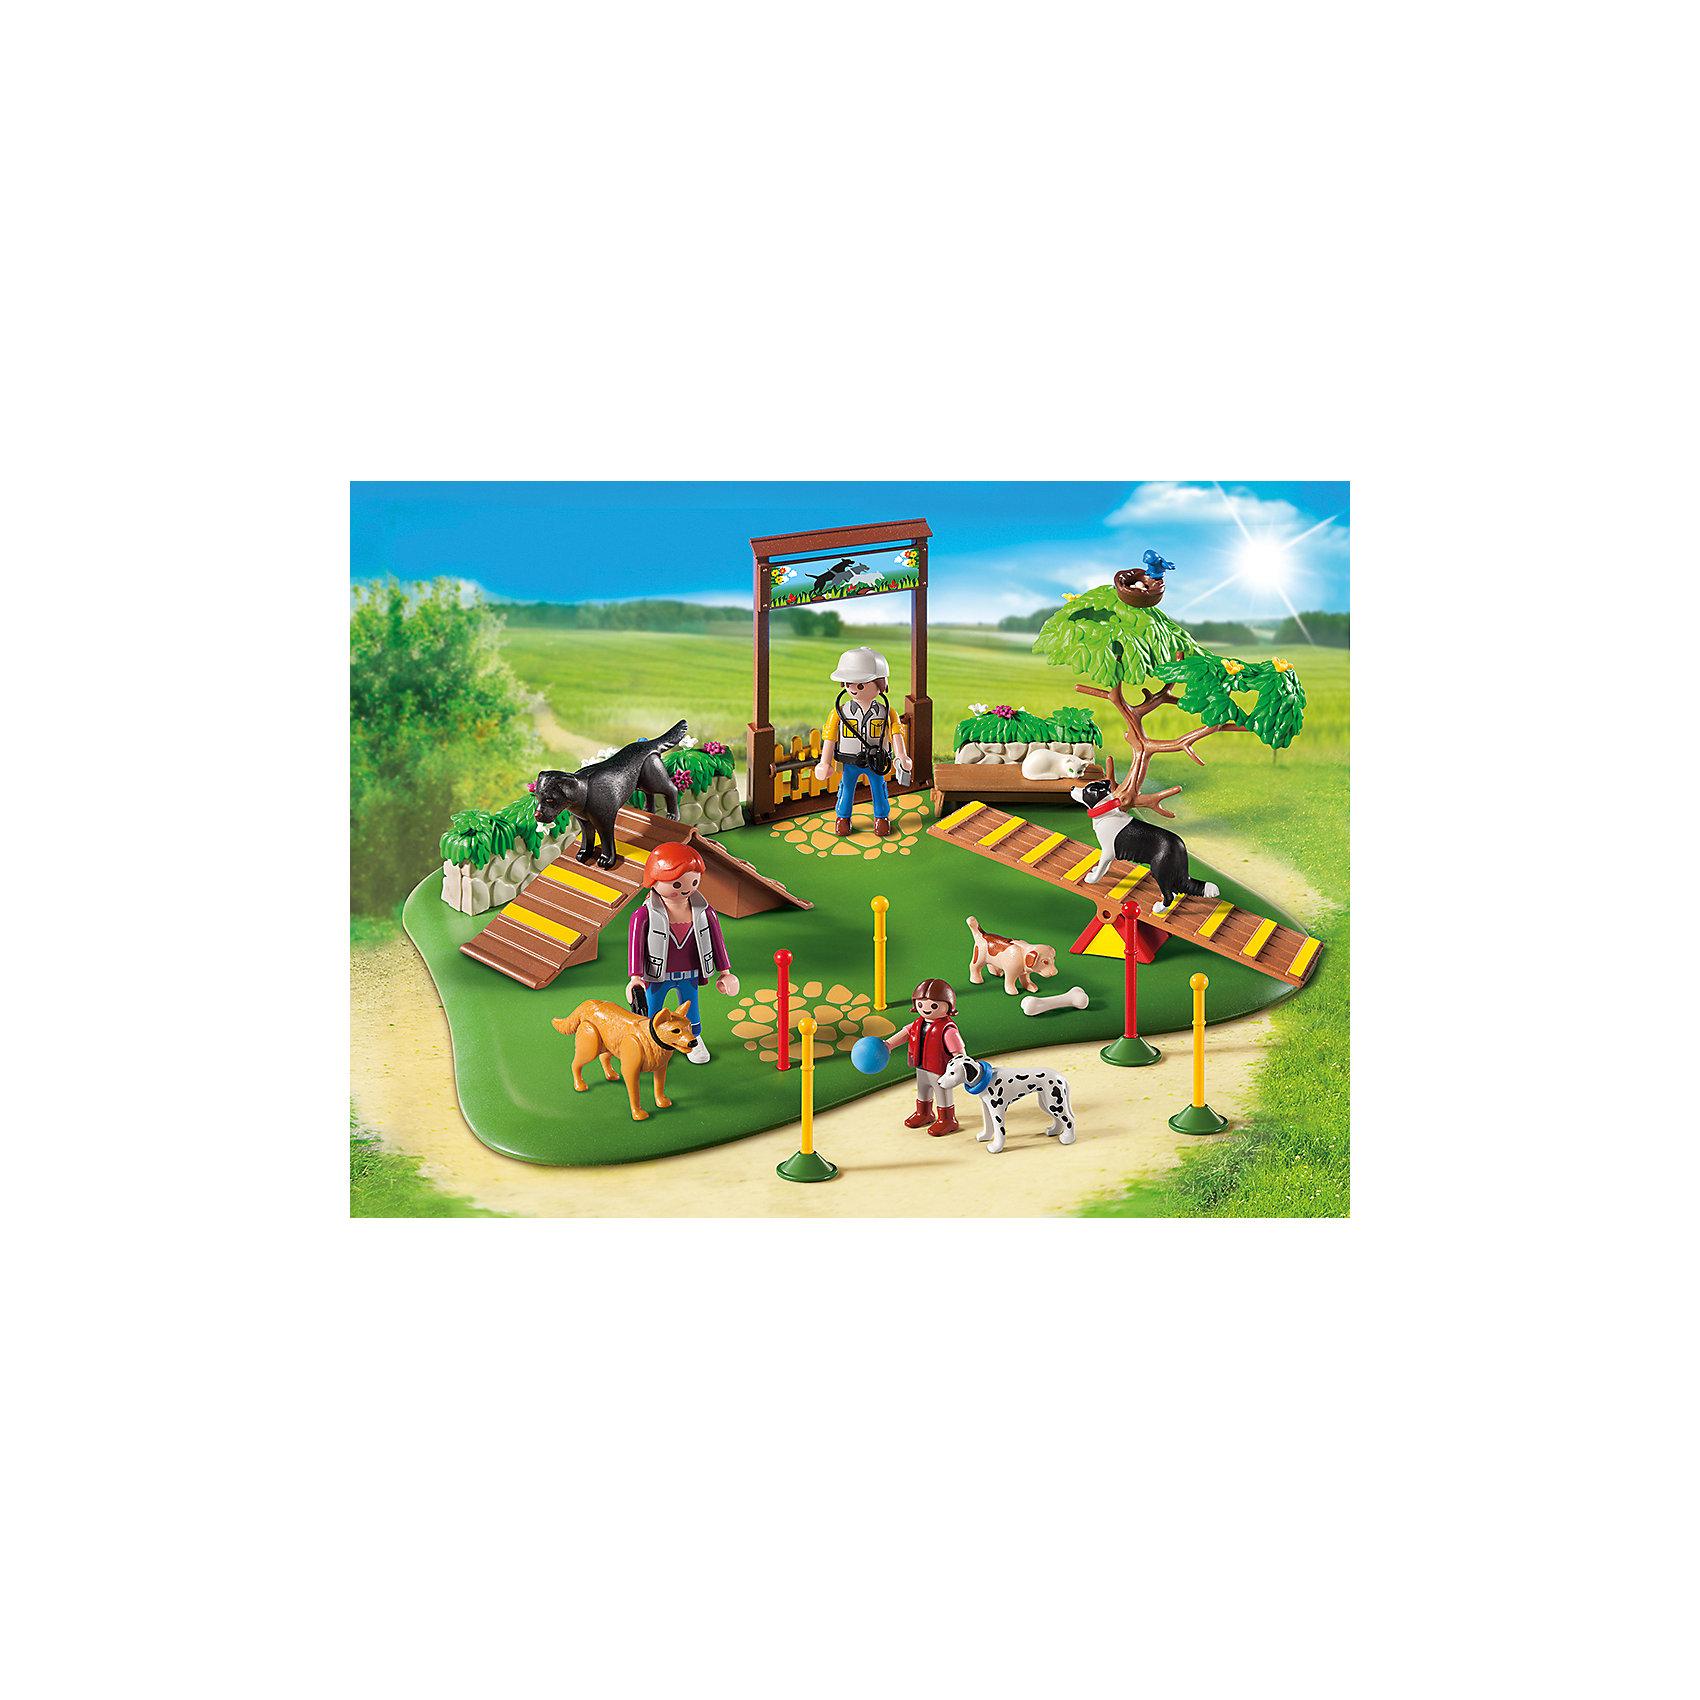 Супер набор: Дрессировка собак, PLAYMOBILСупер набор: Дрессировка собак, PLAYMOBIL (Плэймобил)<br><br>Характеристики:<br><br>• игровой сюжет о дрессировке собак<br>• множество вариантов игры<br>• в комплекте: 3 фигурки людей, 5 собак, кошка, площадка для тренировки, аксессуары<br>• размер упаковки: 35х25х7 см<br>• длина площадки: 32 см<br>• вес: 617 грамм<br>• материал: пластик<br><br>Набор от PLAYMOBIL поможет ребенку создать игрушечную дрессировку собак. Для этого в наборе есть тренировочная площадка, горки, собаки и, конечно же, тренер. Тренировка будет настолько интересной, что даже маленькая белая кошечка сможет уютно расположиться на скамейке. Сюжетно-ролевые игры помогут развить воображение, координацию движений и моторику.<br><br>Супер набор: Дрессировка собак, PLAYMOBIL (Плэймобил) вы можете купить в нашем интернет-магазине.<br><br>Ширина мм: 350<br>Глубина мм: 251<br>Высота мм: 73<br>Вес г: 589<br>Возраст от месяцев: 48<br>Возраст до месяцев: 120<br>Пол: Унисекс<br>Возраст: Детский<br>SKU: 3786340